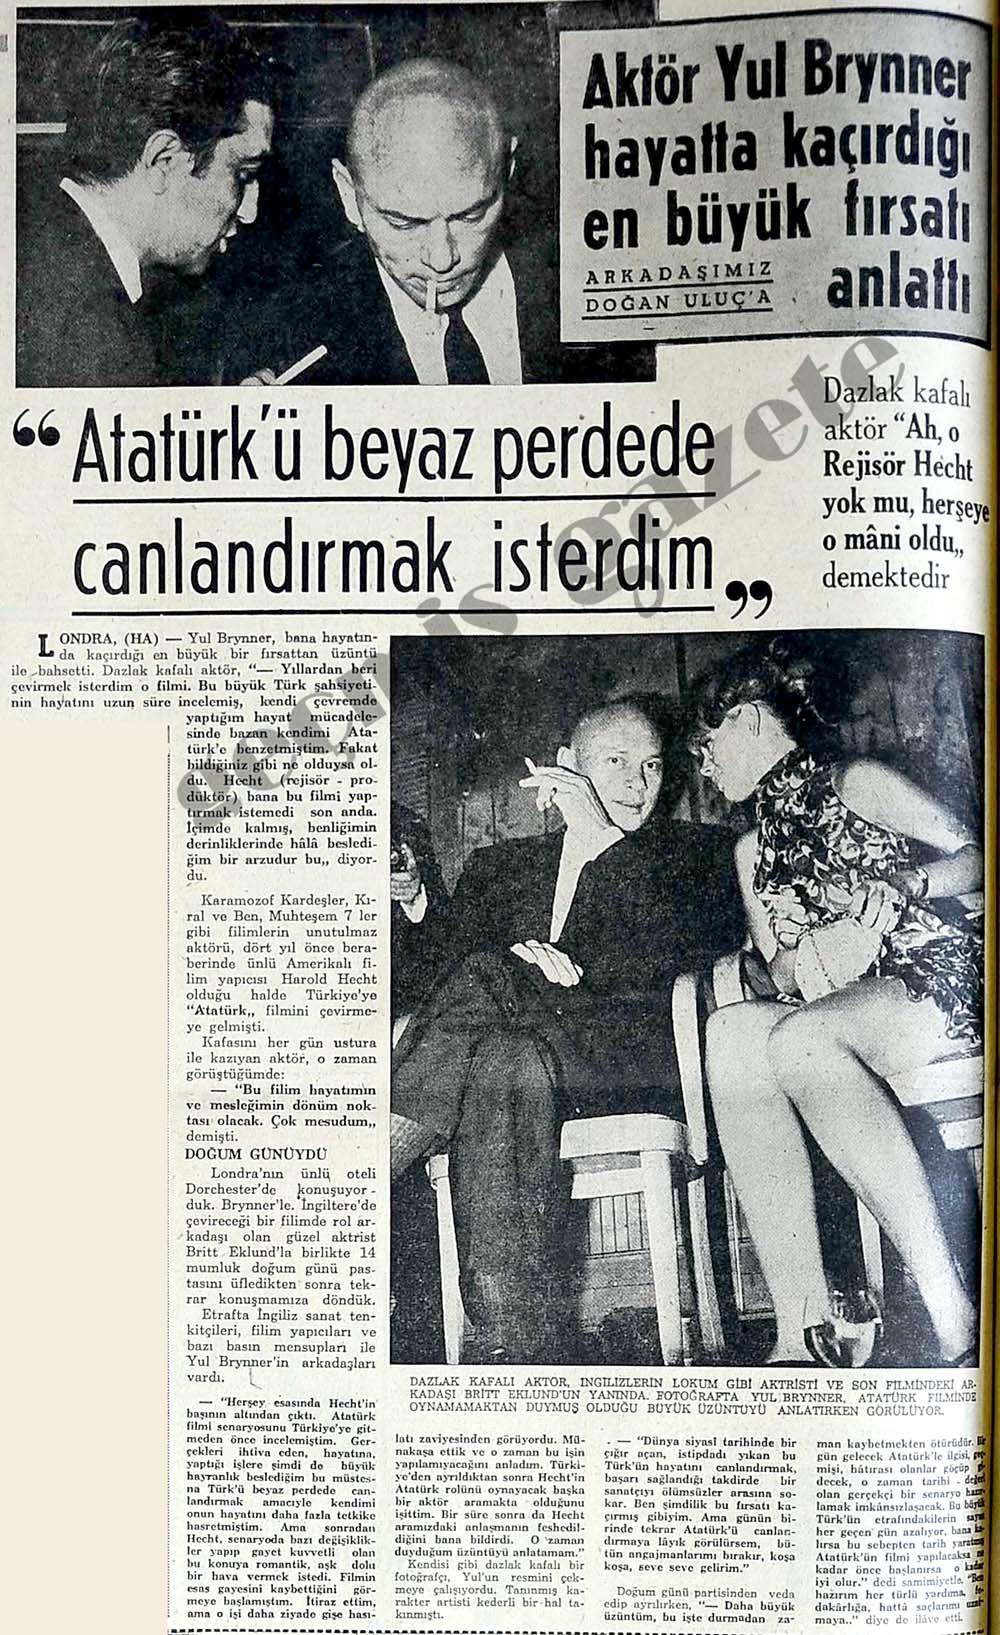 """Aktör Yul Brynner """"Atatürk'ü beyaz perdede canlandırmak isterdim"""""""